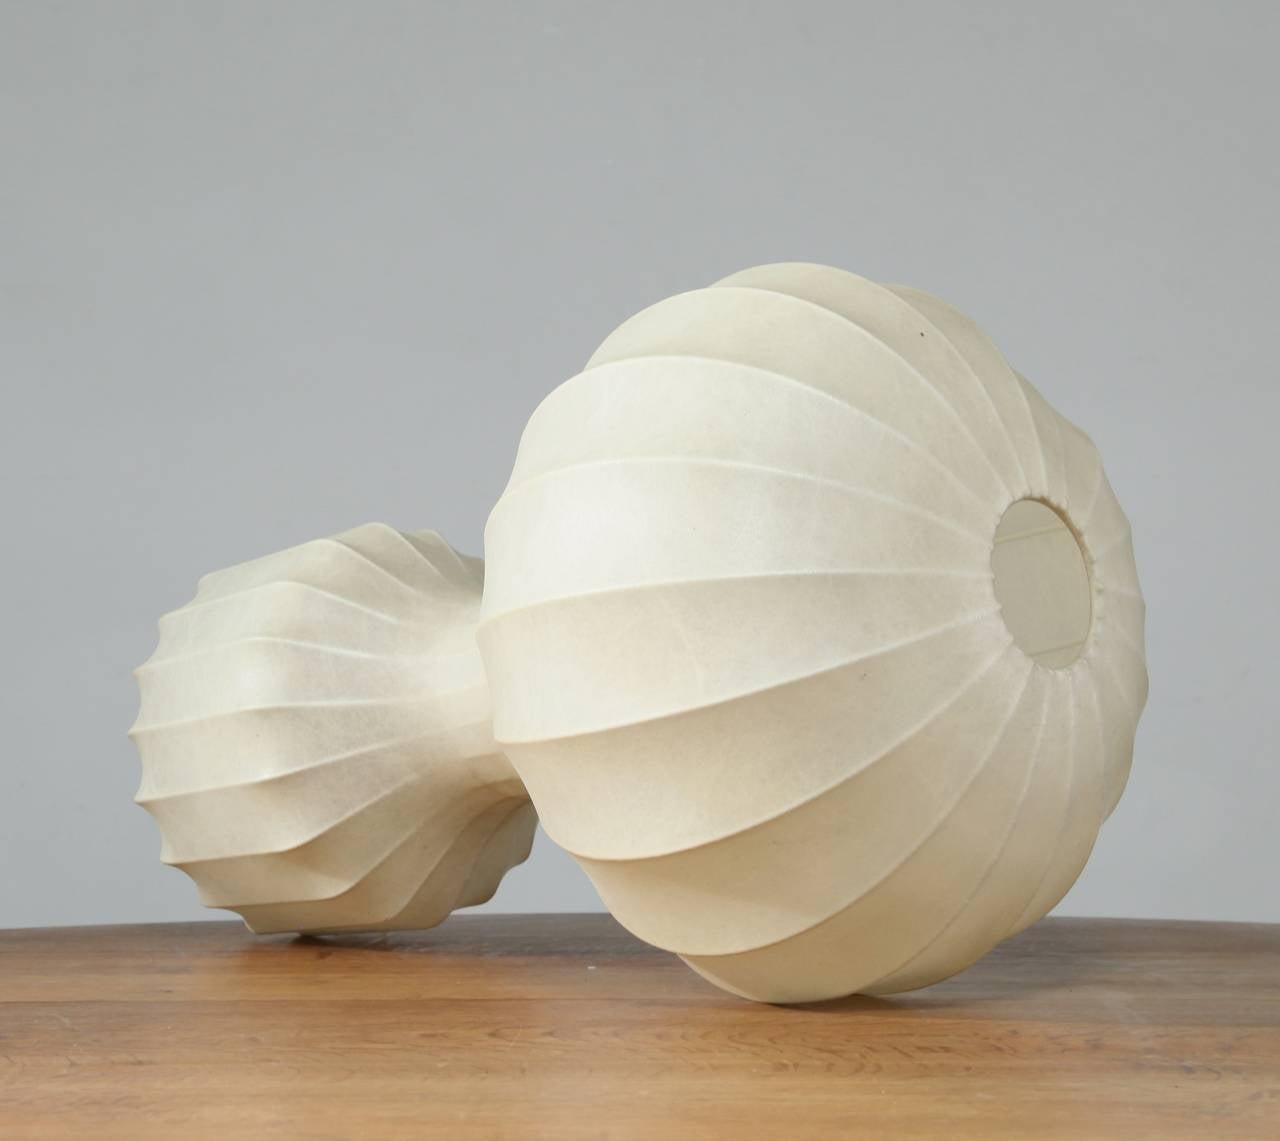 Italian Achille and Pier Giacomo Castiglioni 'Gatto' table lamp, Flos, Italy, 1960s For Sale